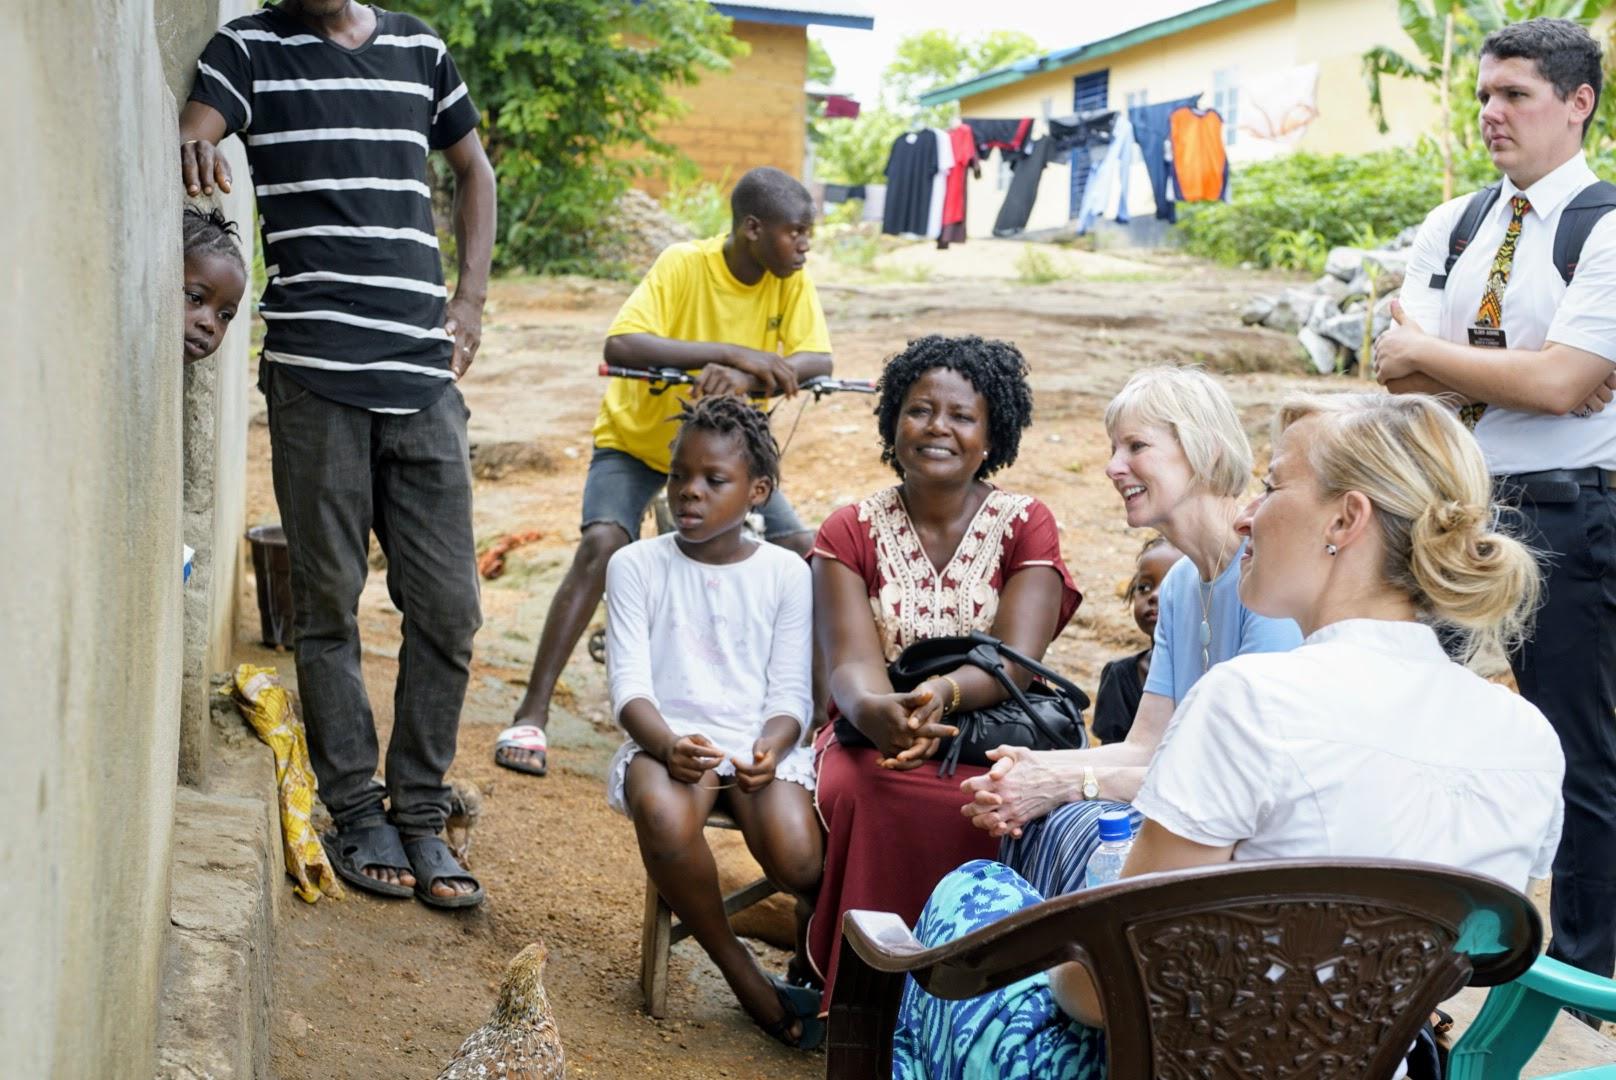 La hermana Jean B. Bingham, centro derecha, se sienta junto a Mariatu Songo, presidenta de la Sociedad de Socorro de barrio, centro izquierda, en Sierra Leona en junio de 2019.